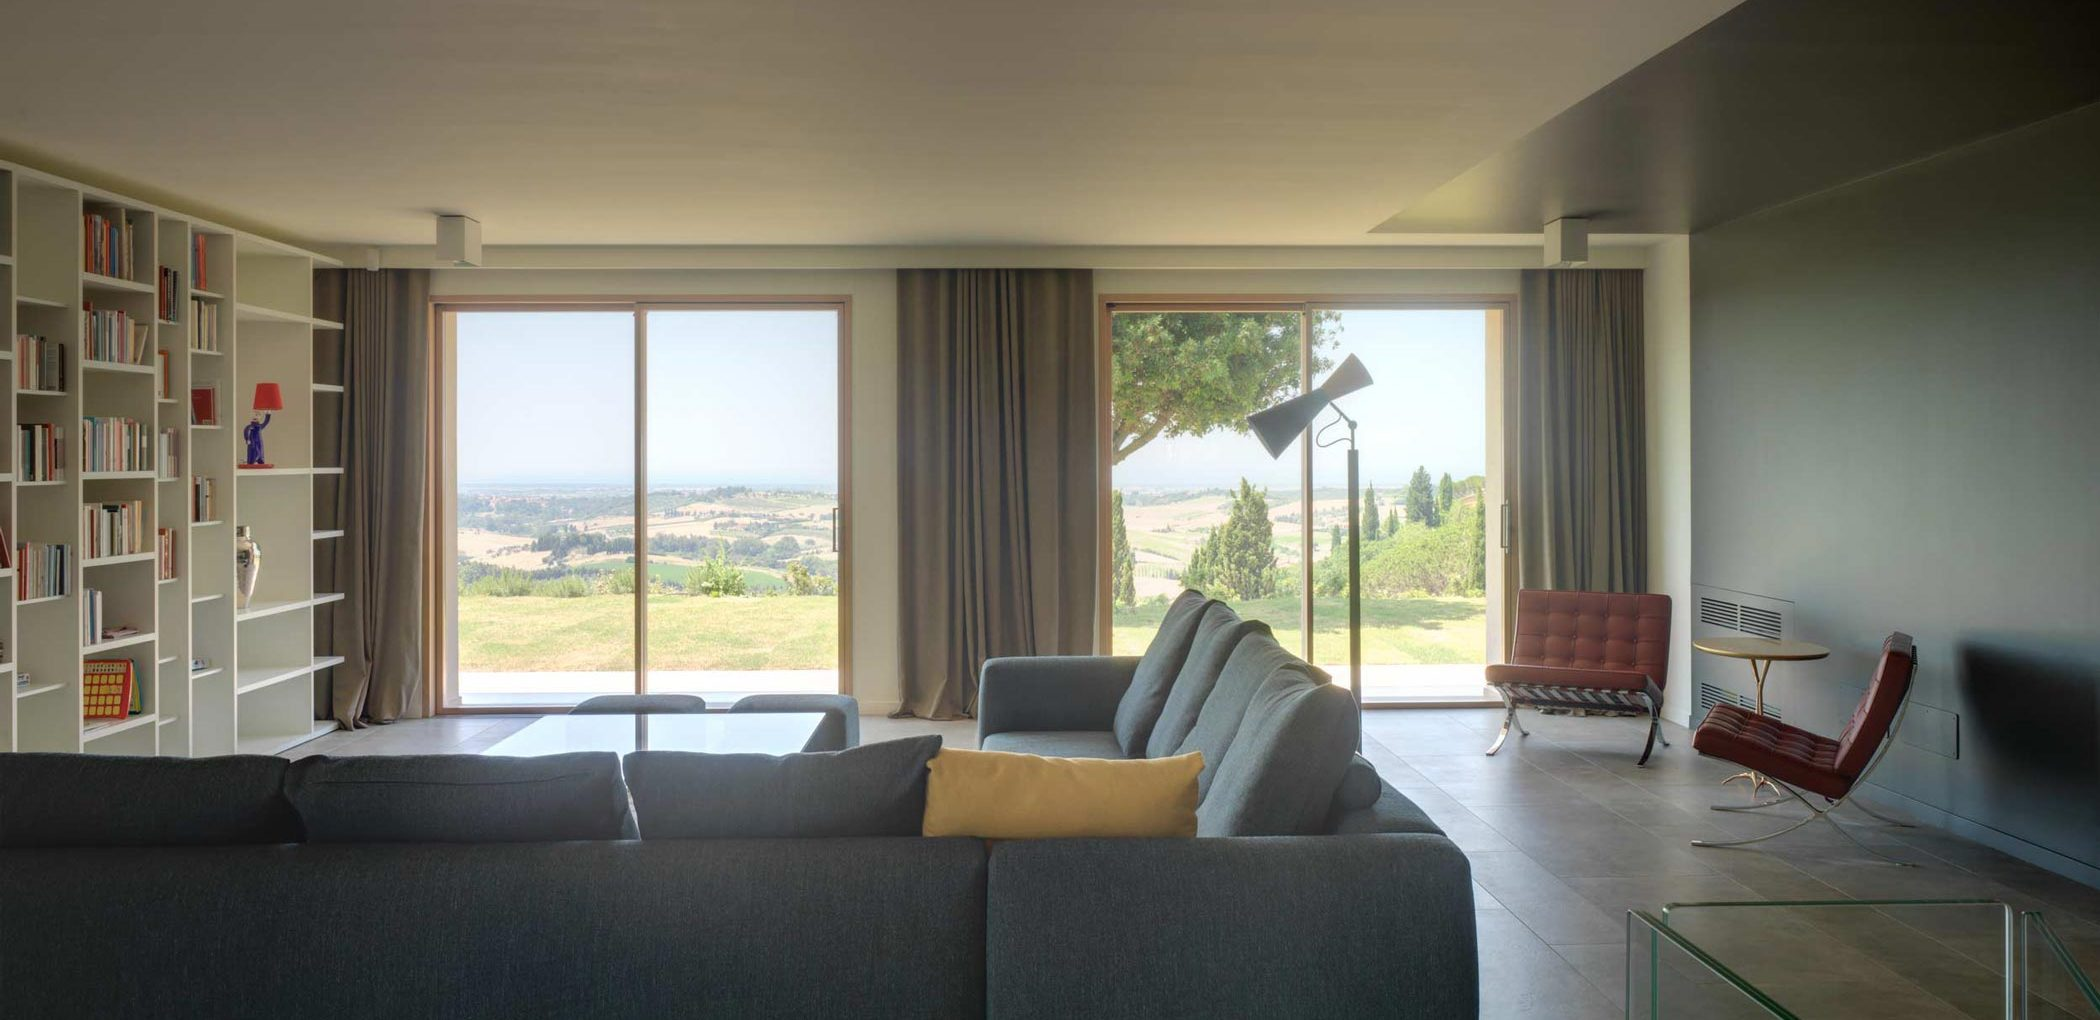 Immagine di copertina di Villa Pisa con due alzanti scorrevoli